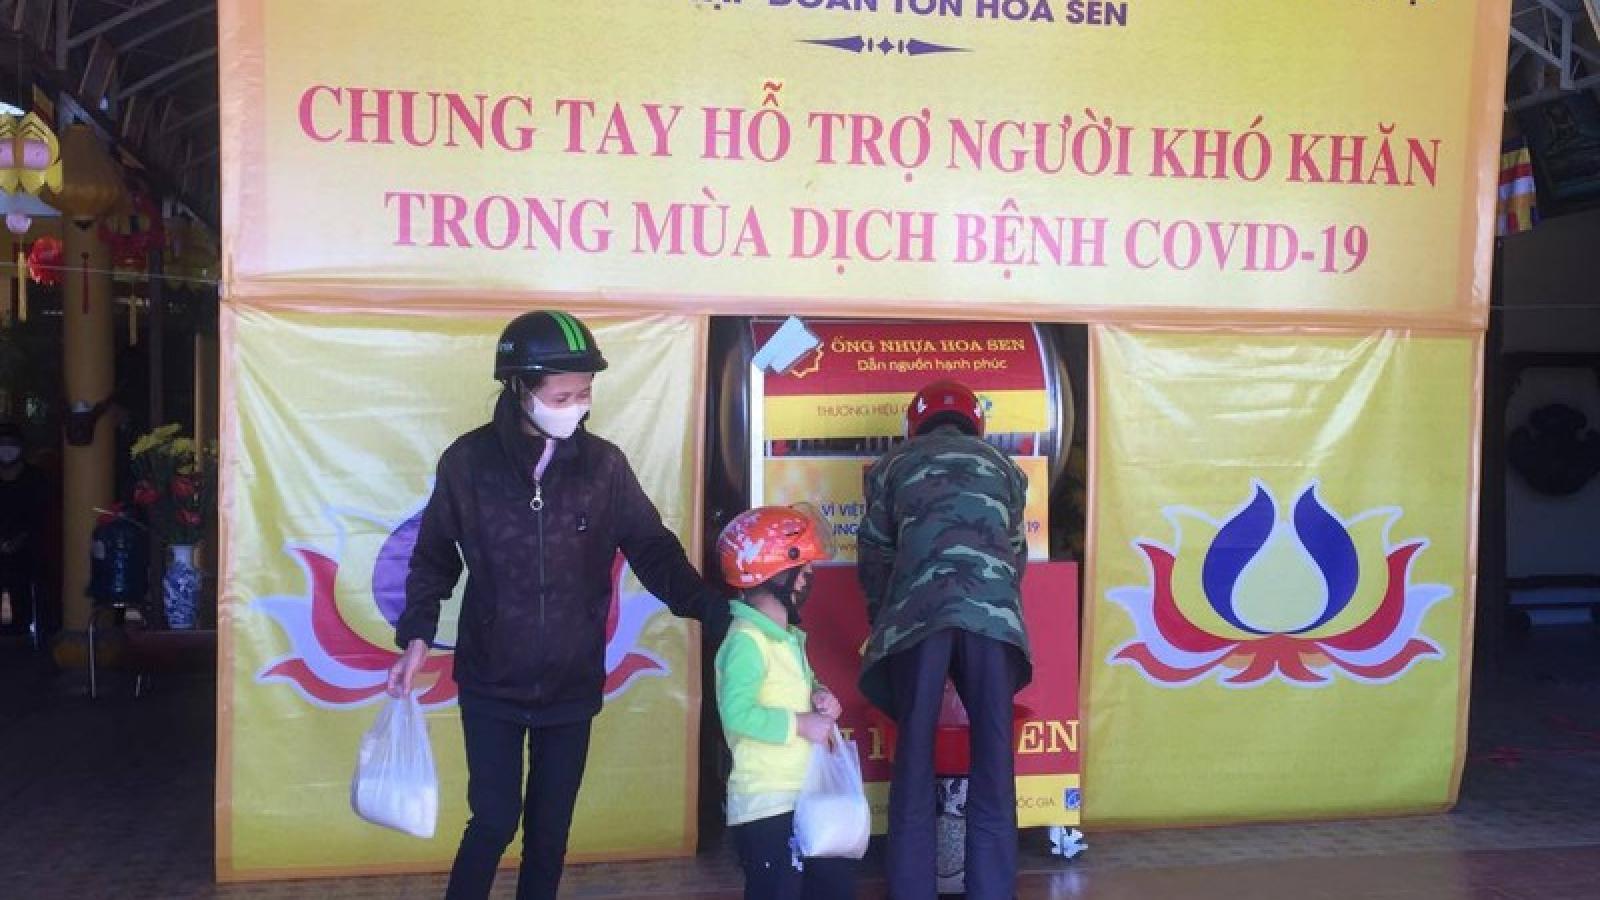 Lâm Đồng khởi động nhiều ATM gạo hỗ trợ người khó khăn